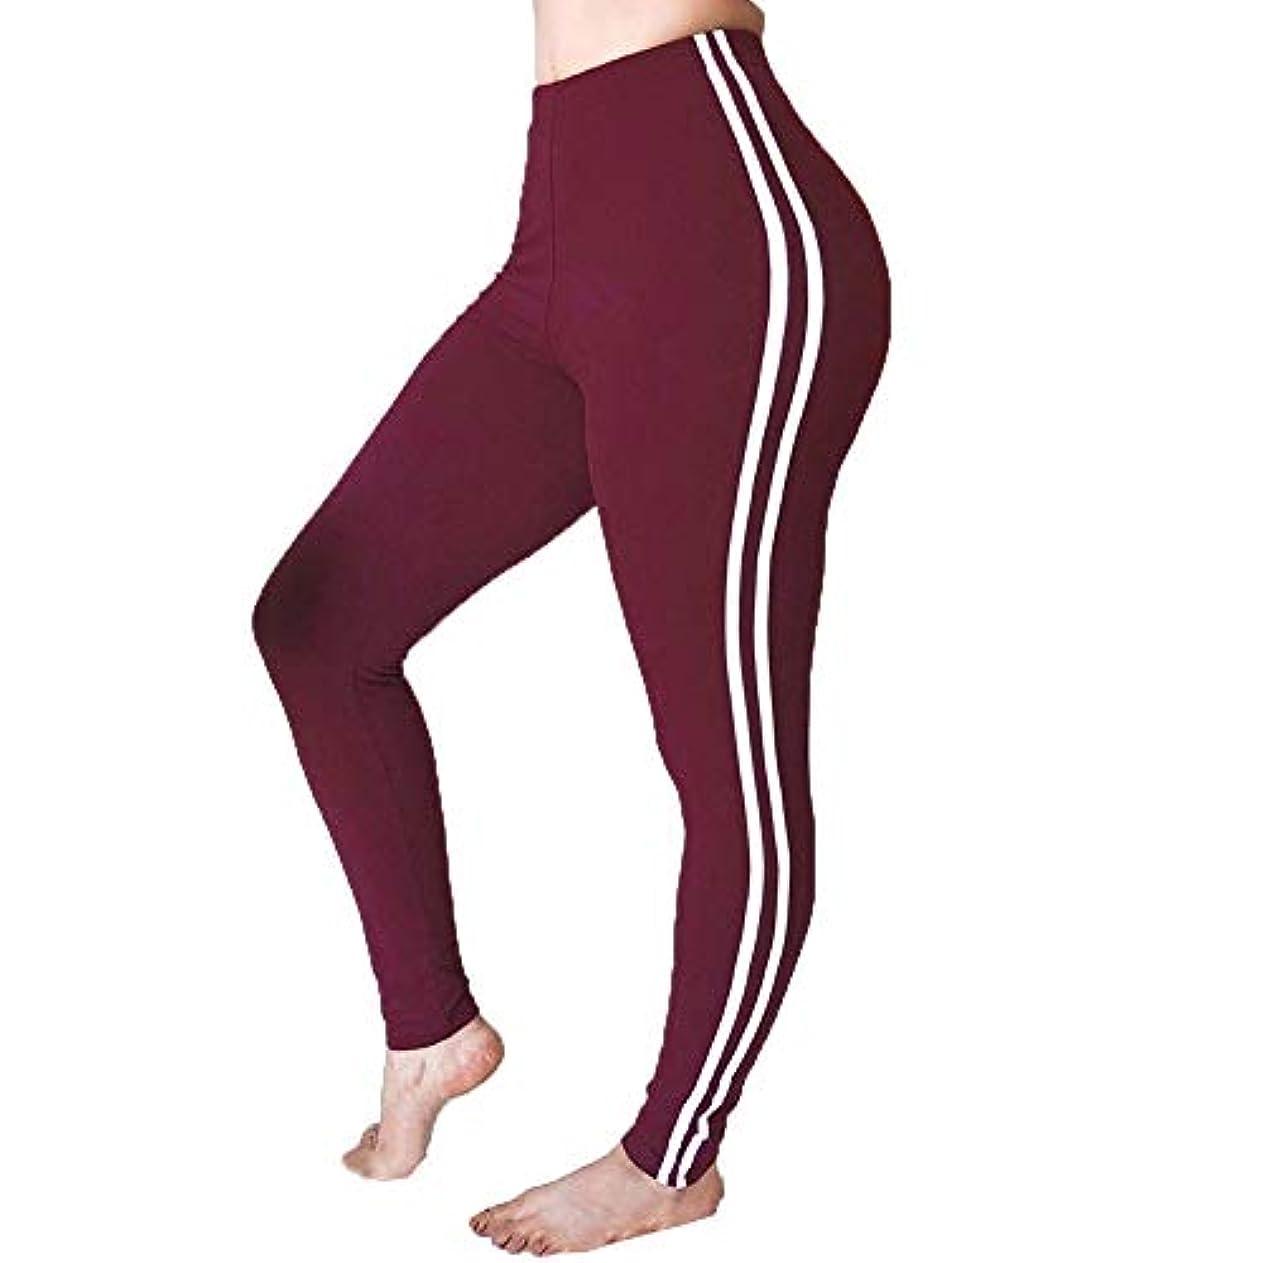 代数的バンドル罹患率MIFAN 女性パンツ、ロングパンツ、ハイウエストパンツ、スポーツパンツ、スキニーパンツ、ヨガパンツ、